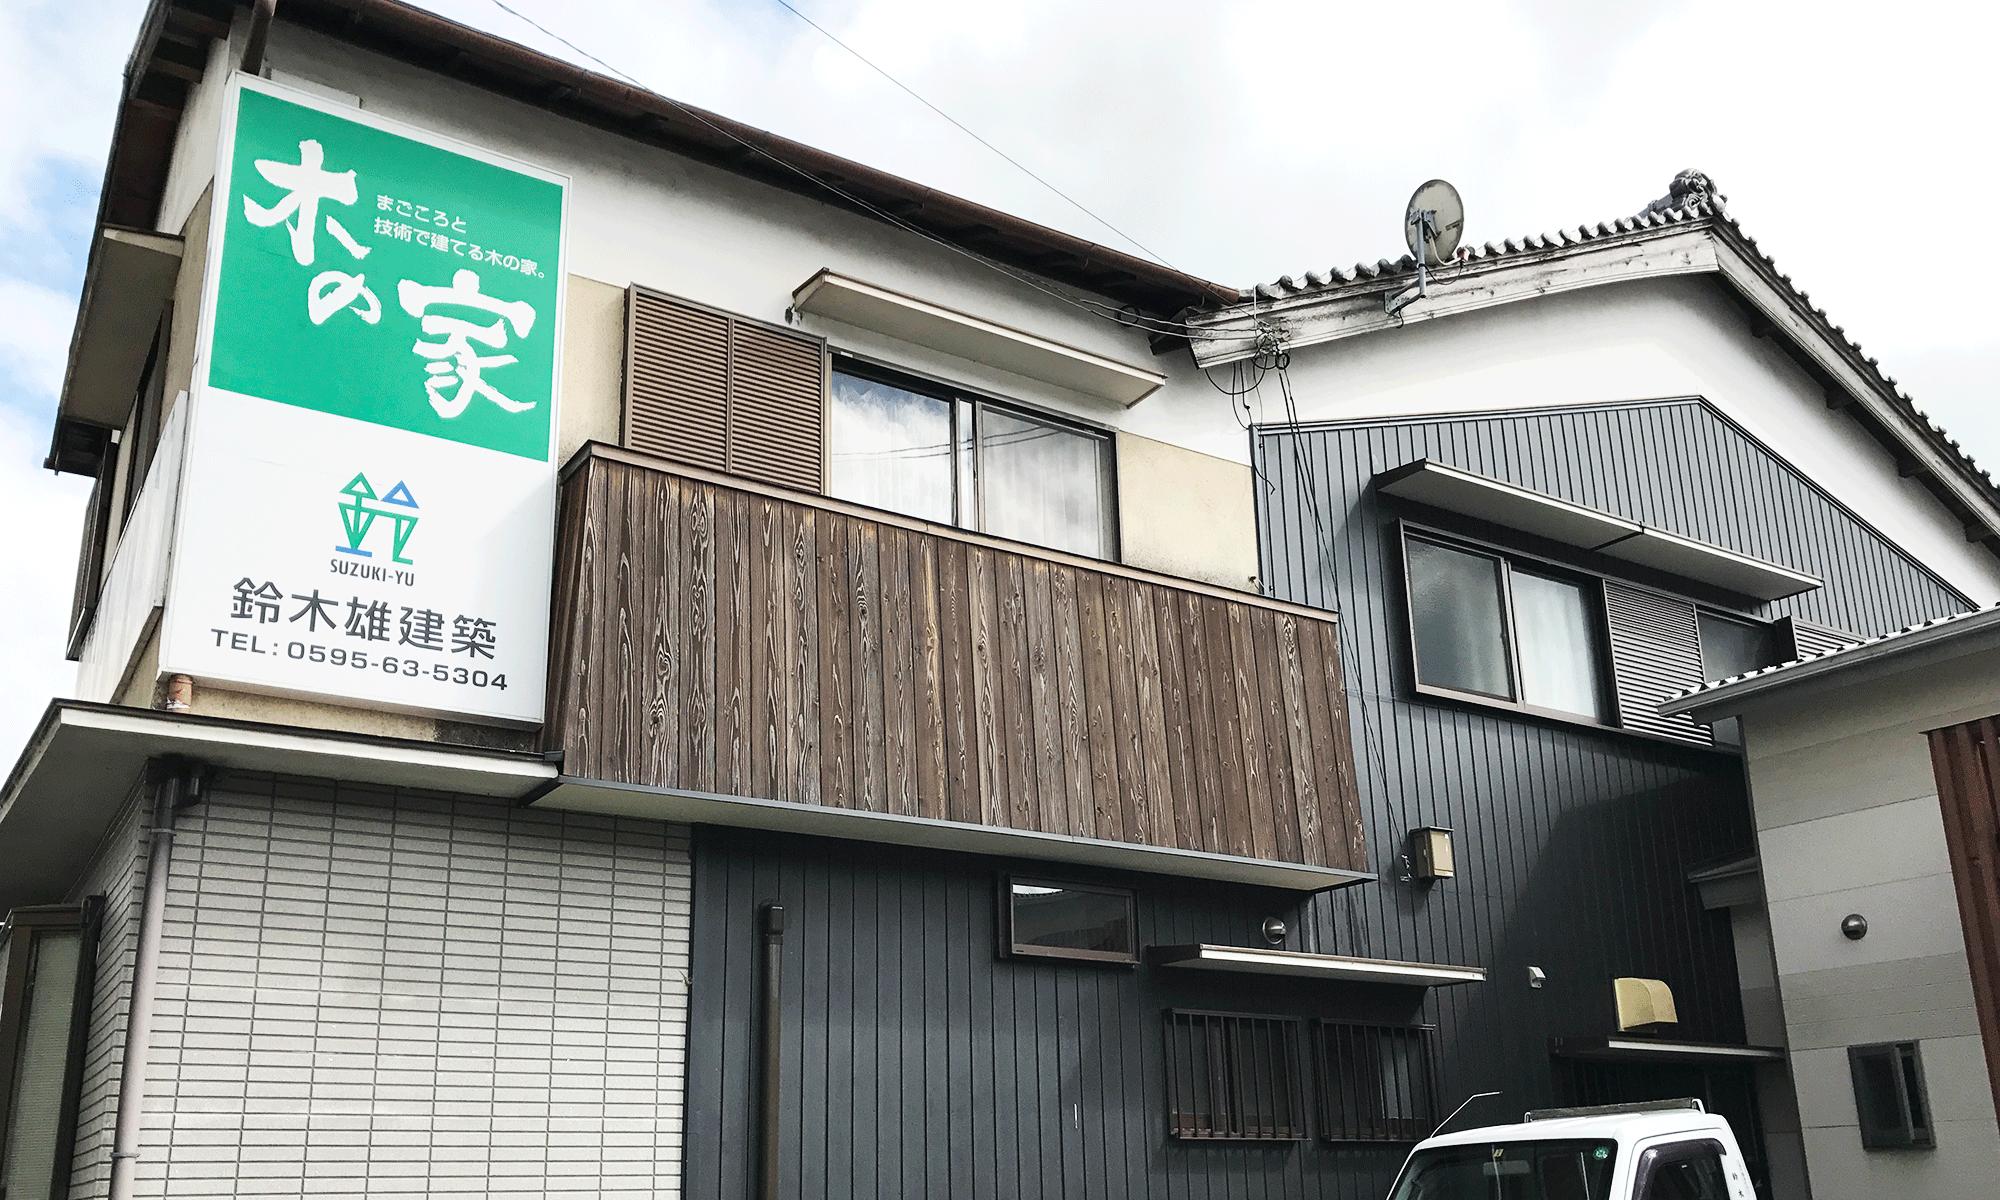 鈴木雄建築